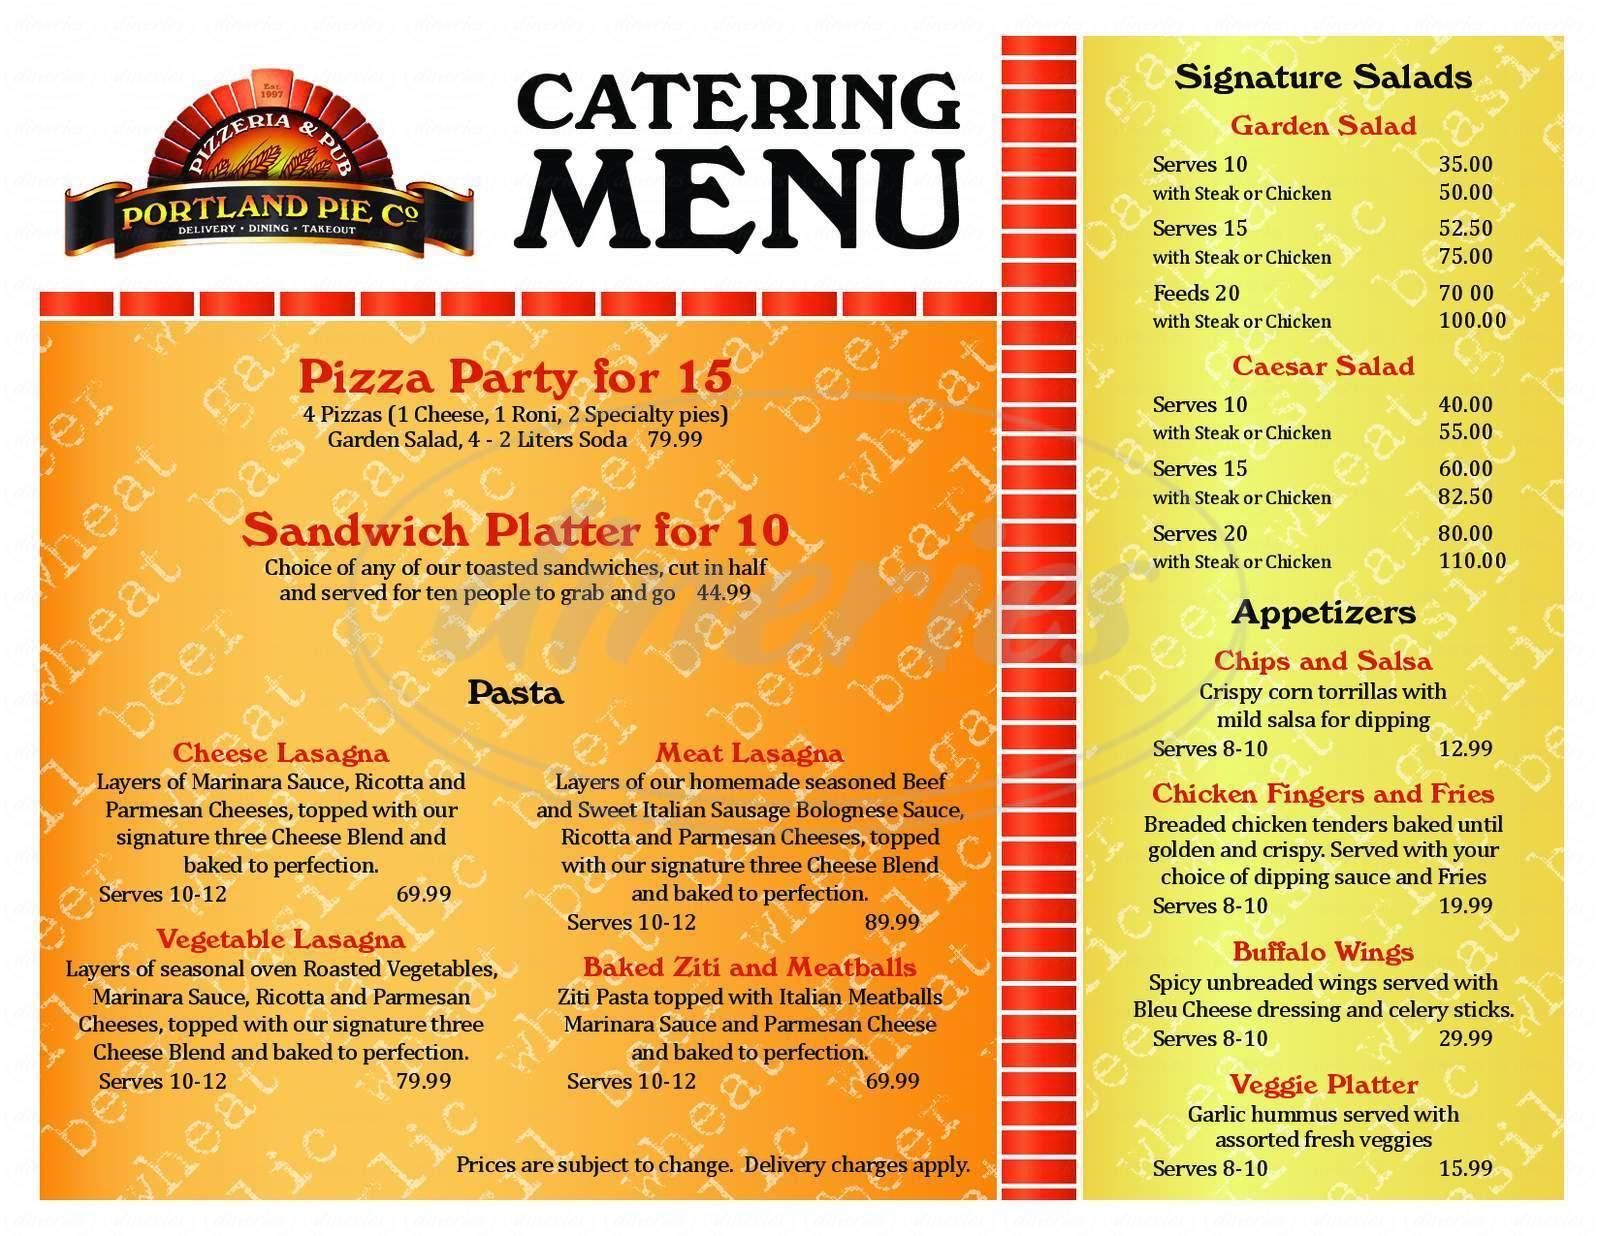 menu for Portland Pie Company